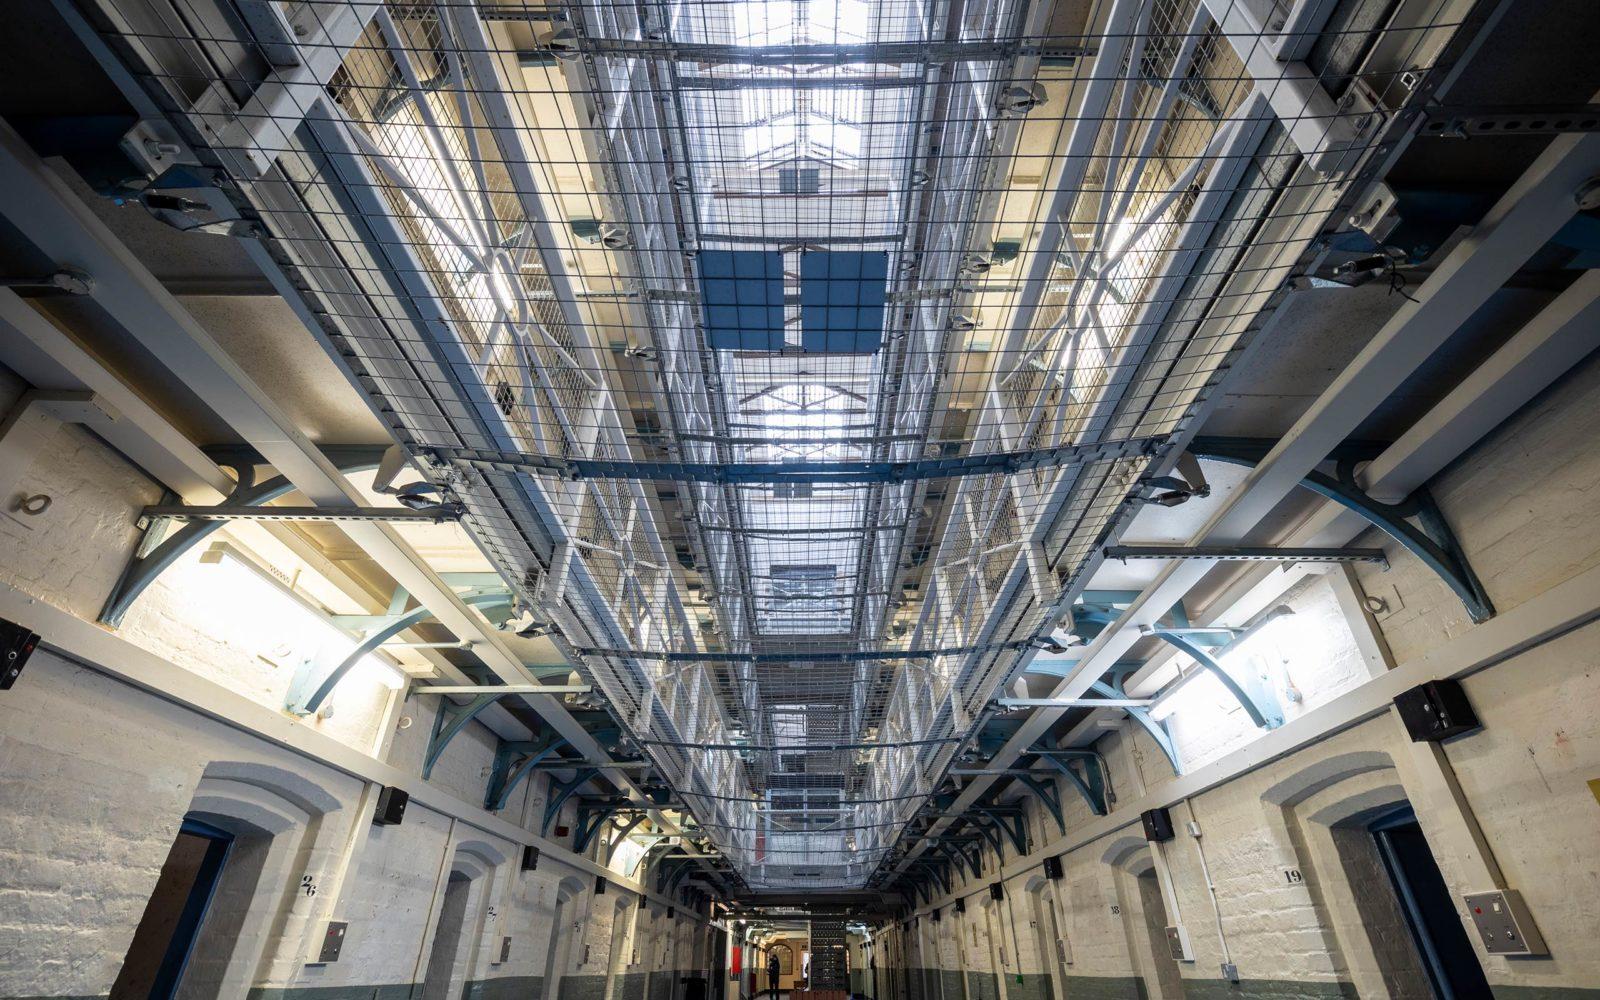 Shrewsbury Prison Venue Hire | Shrewsbury Prison Weddings